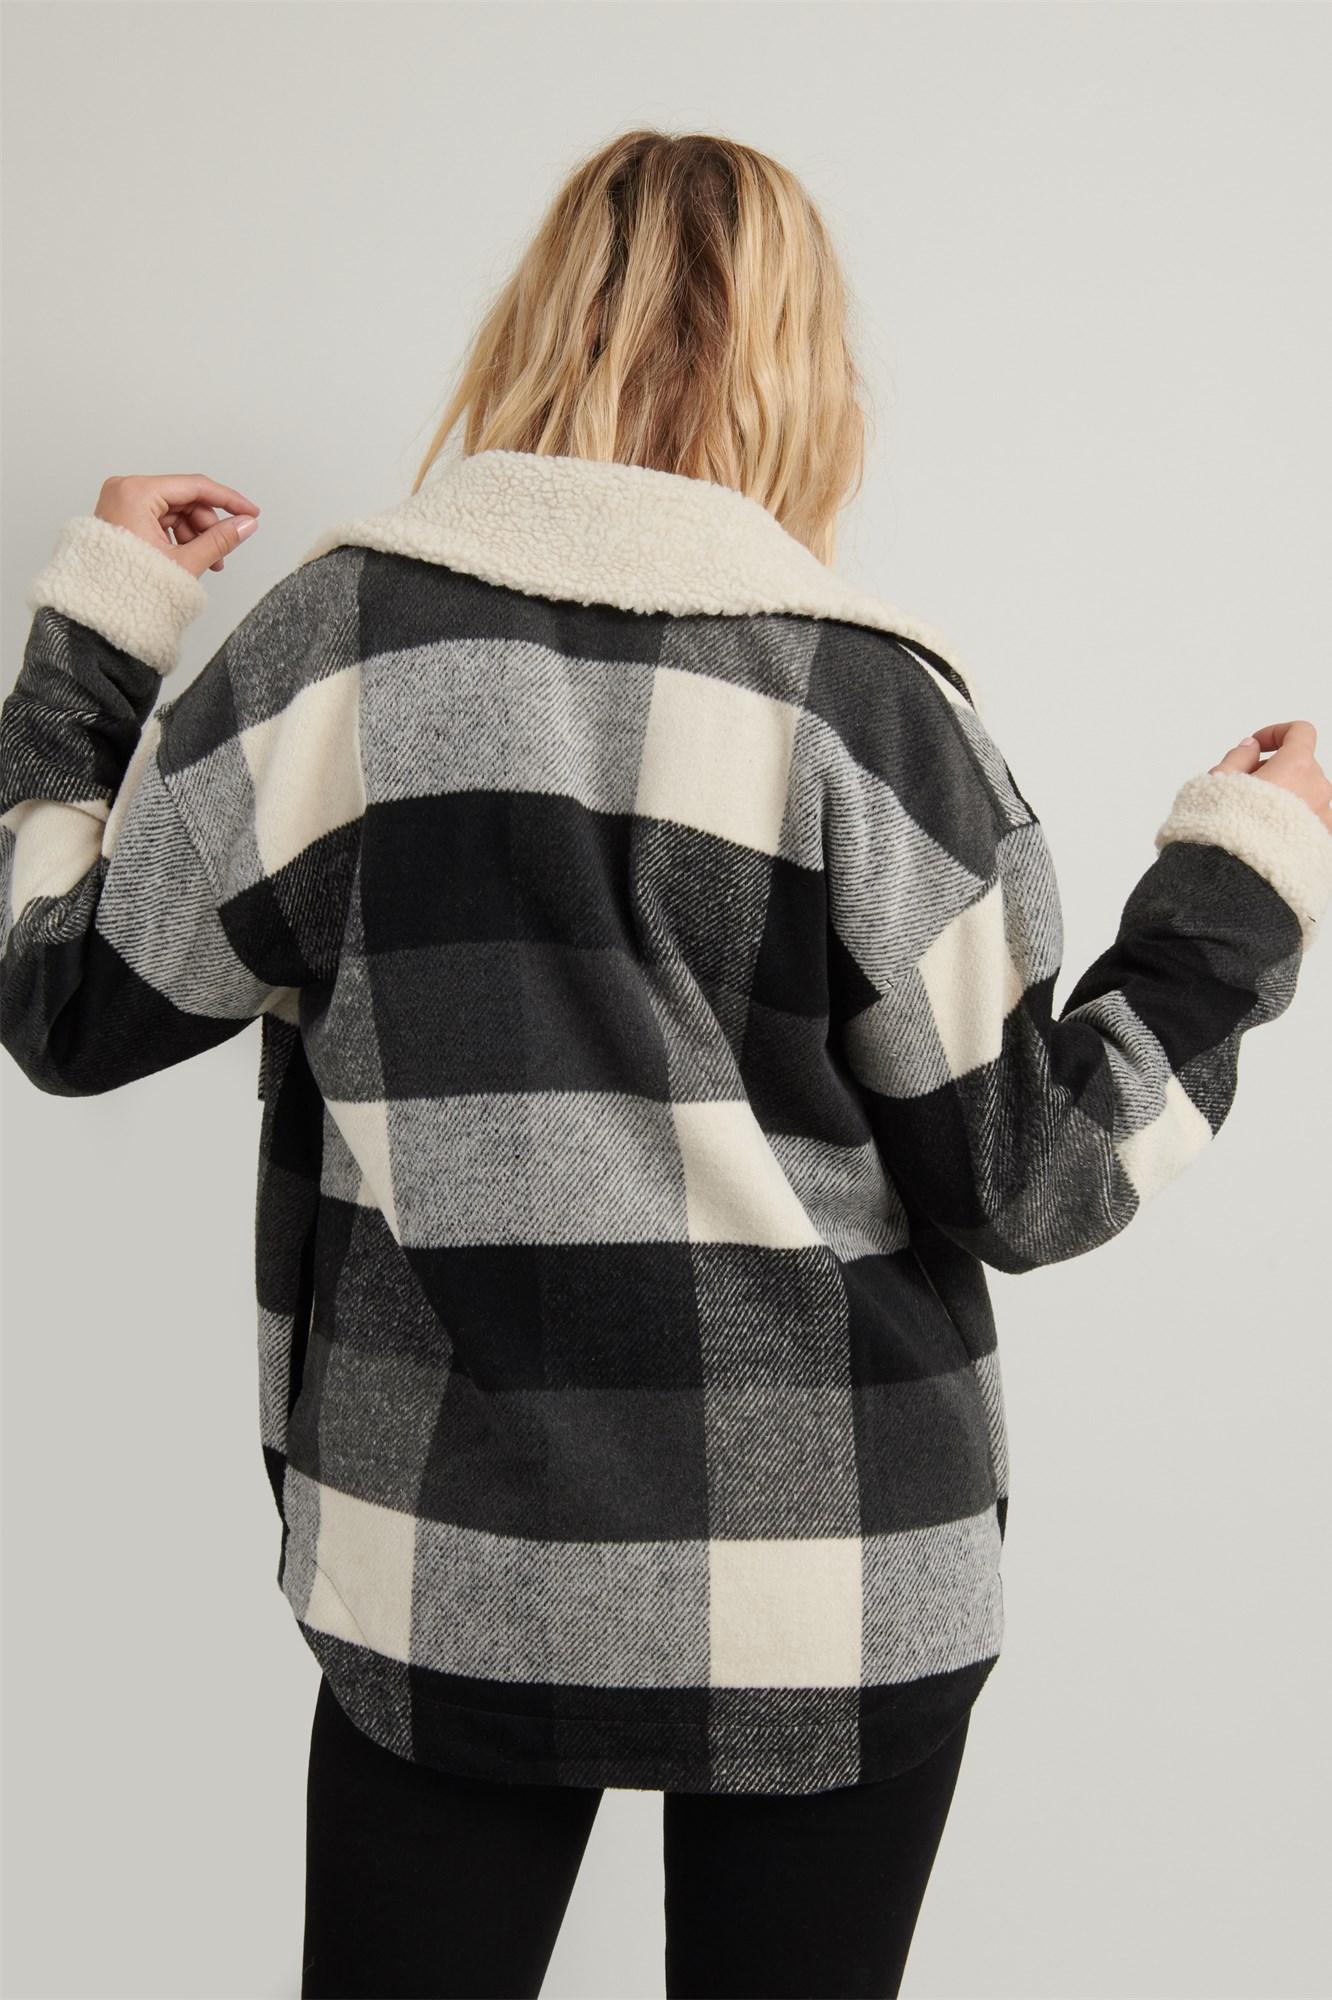 Image 7 of Plaid Shirt Jacket